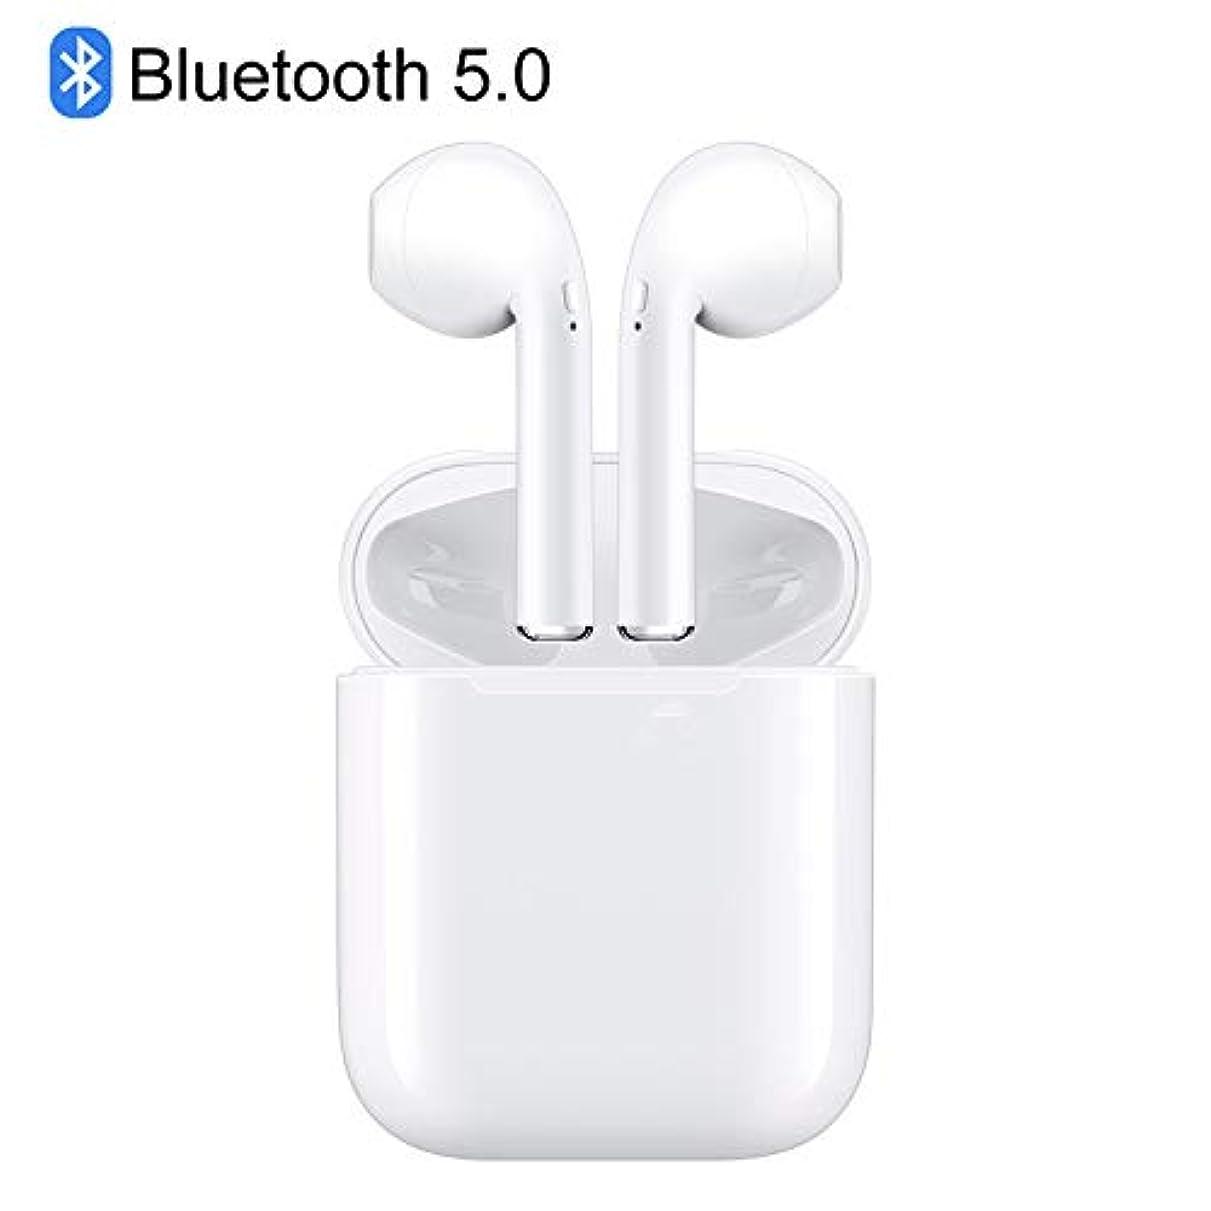 プレートシネマ梨【Bluetooth 5.0イヤホン】 完全 ワイヤレス イヤホン iPhone Airpods ブルートゥース イヤホン 自動ペアリング 高音質 充電ケース付き 左右分離型 両耳 iOS Android 対応 技適認証済み (ホワイト)